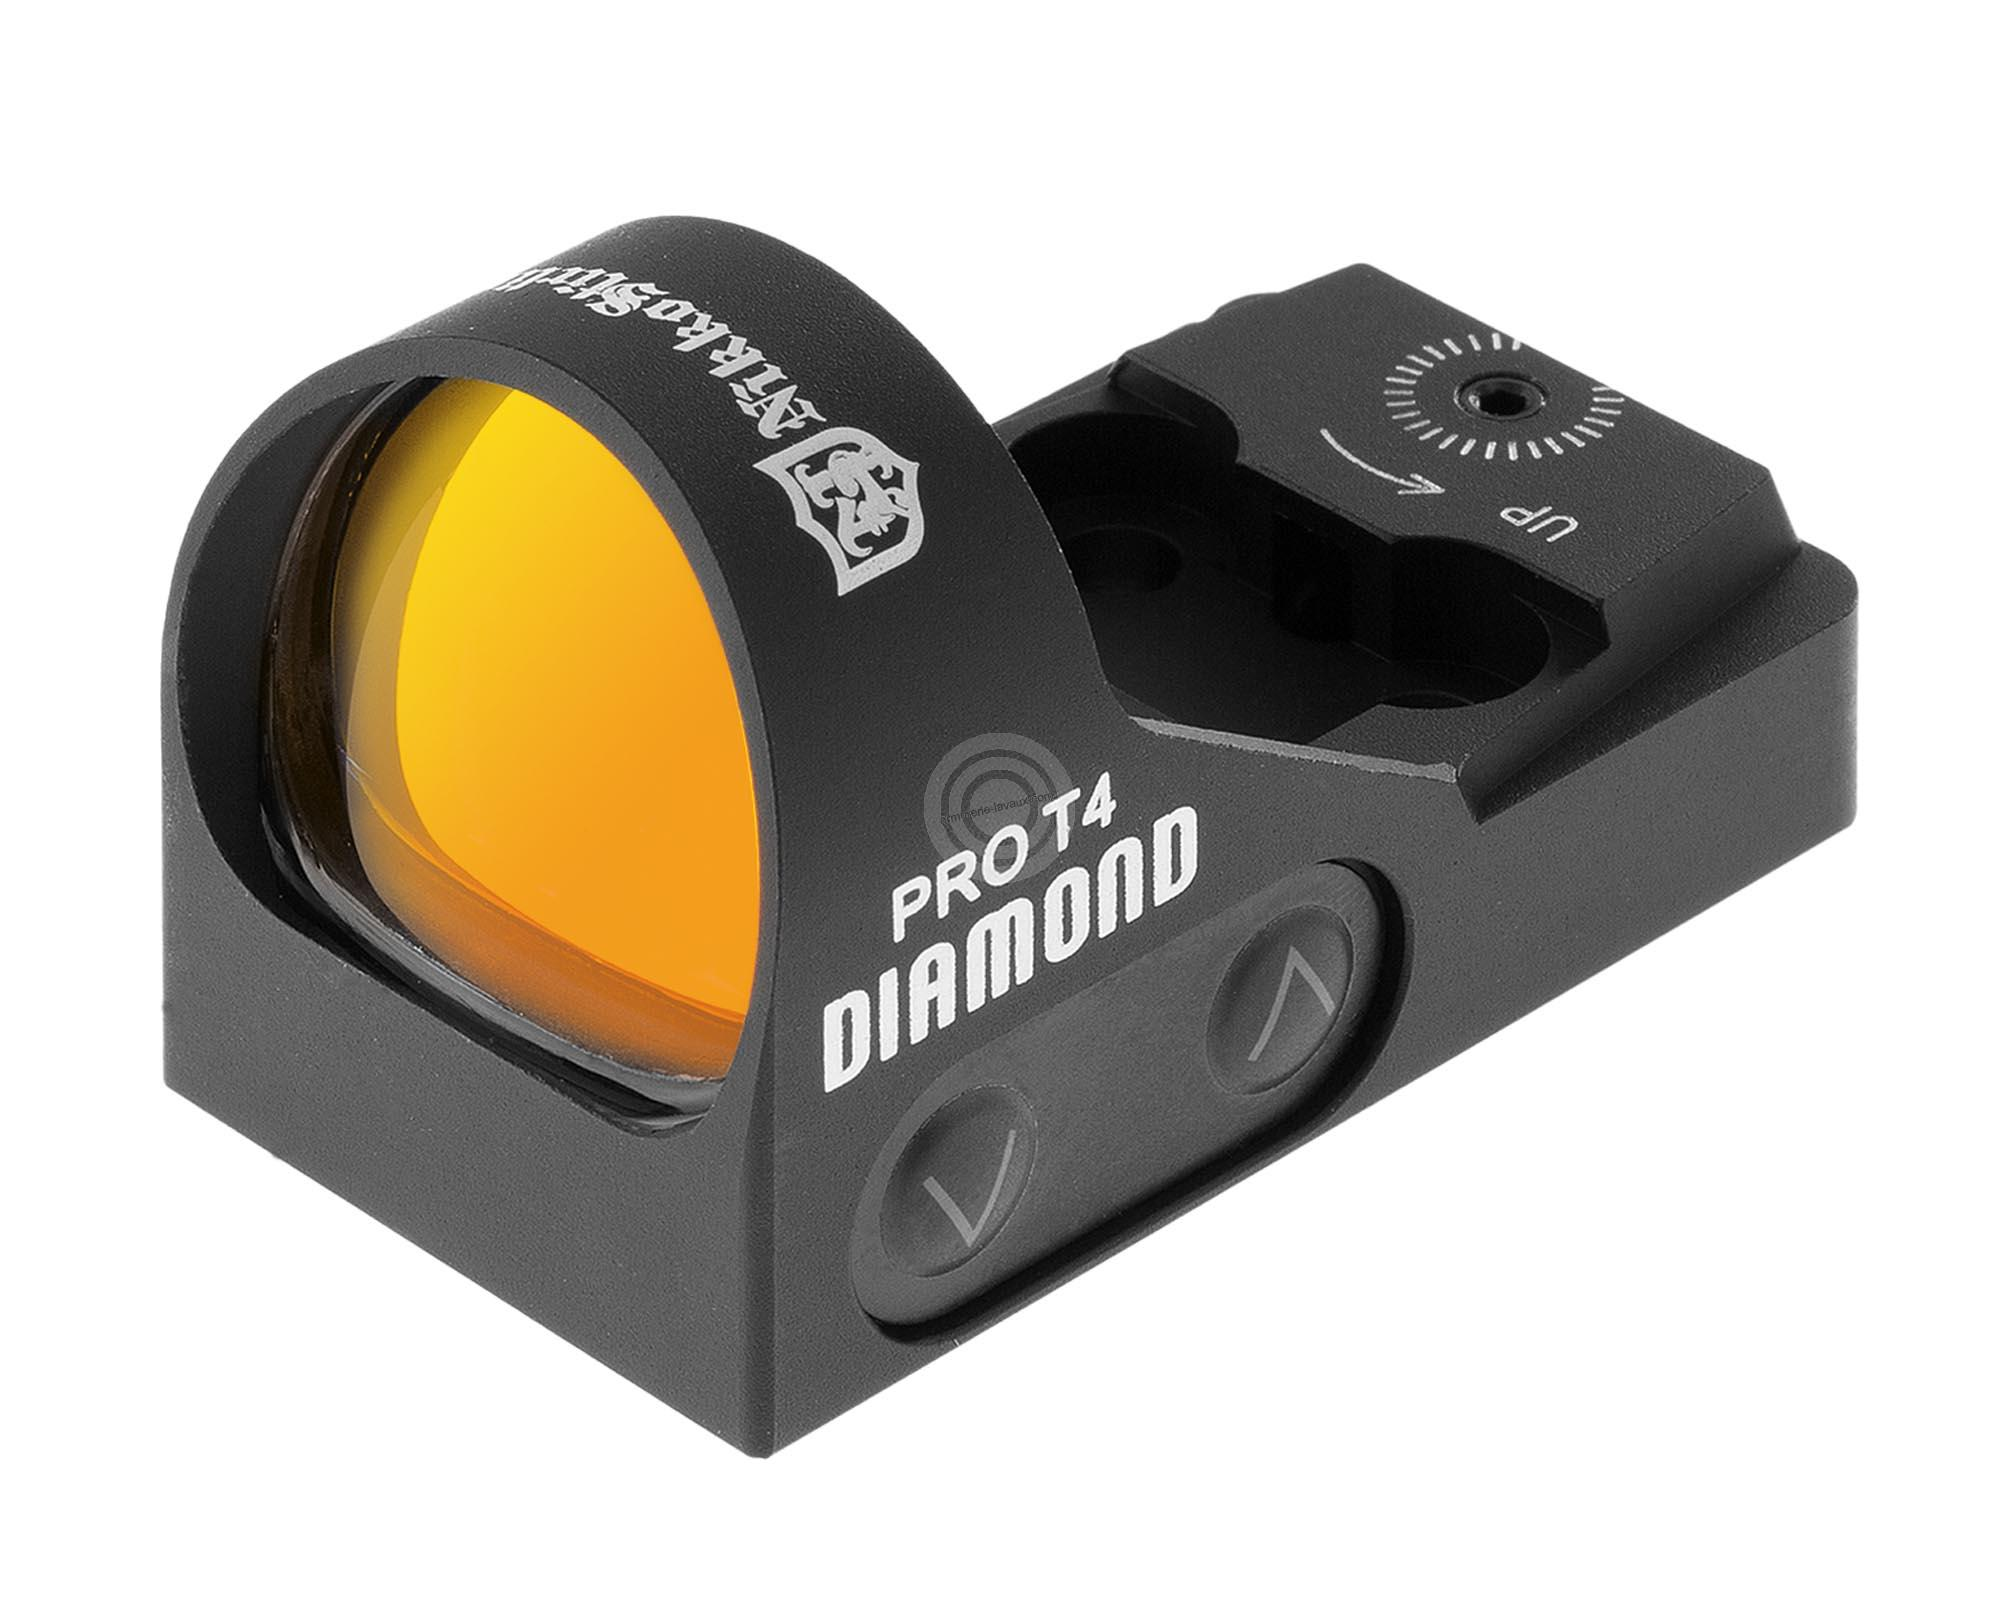 Viseur point rouge NIKKO STIRLING PRO T4 Diamond avec montage Weaver 21mm